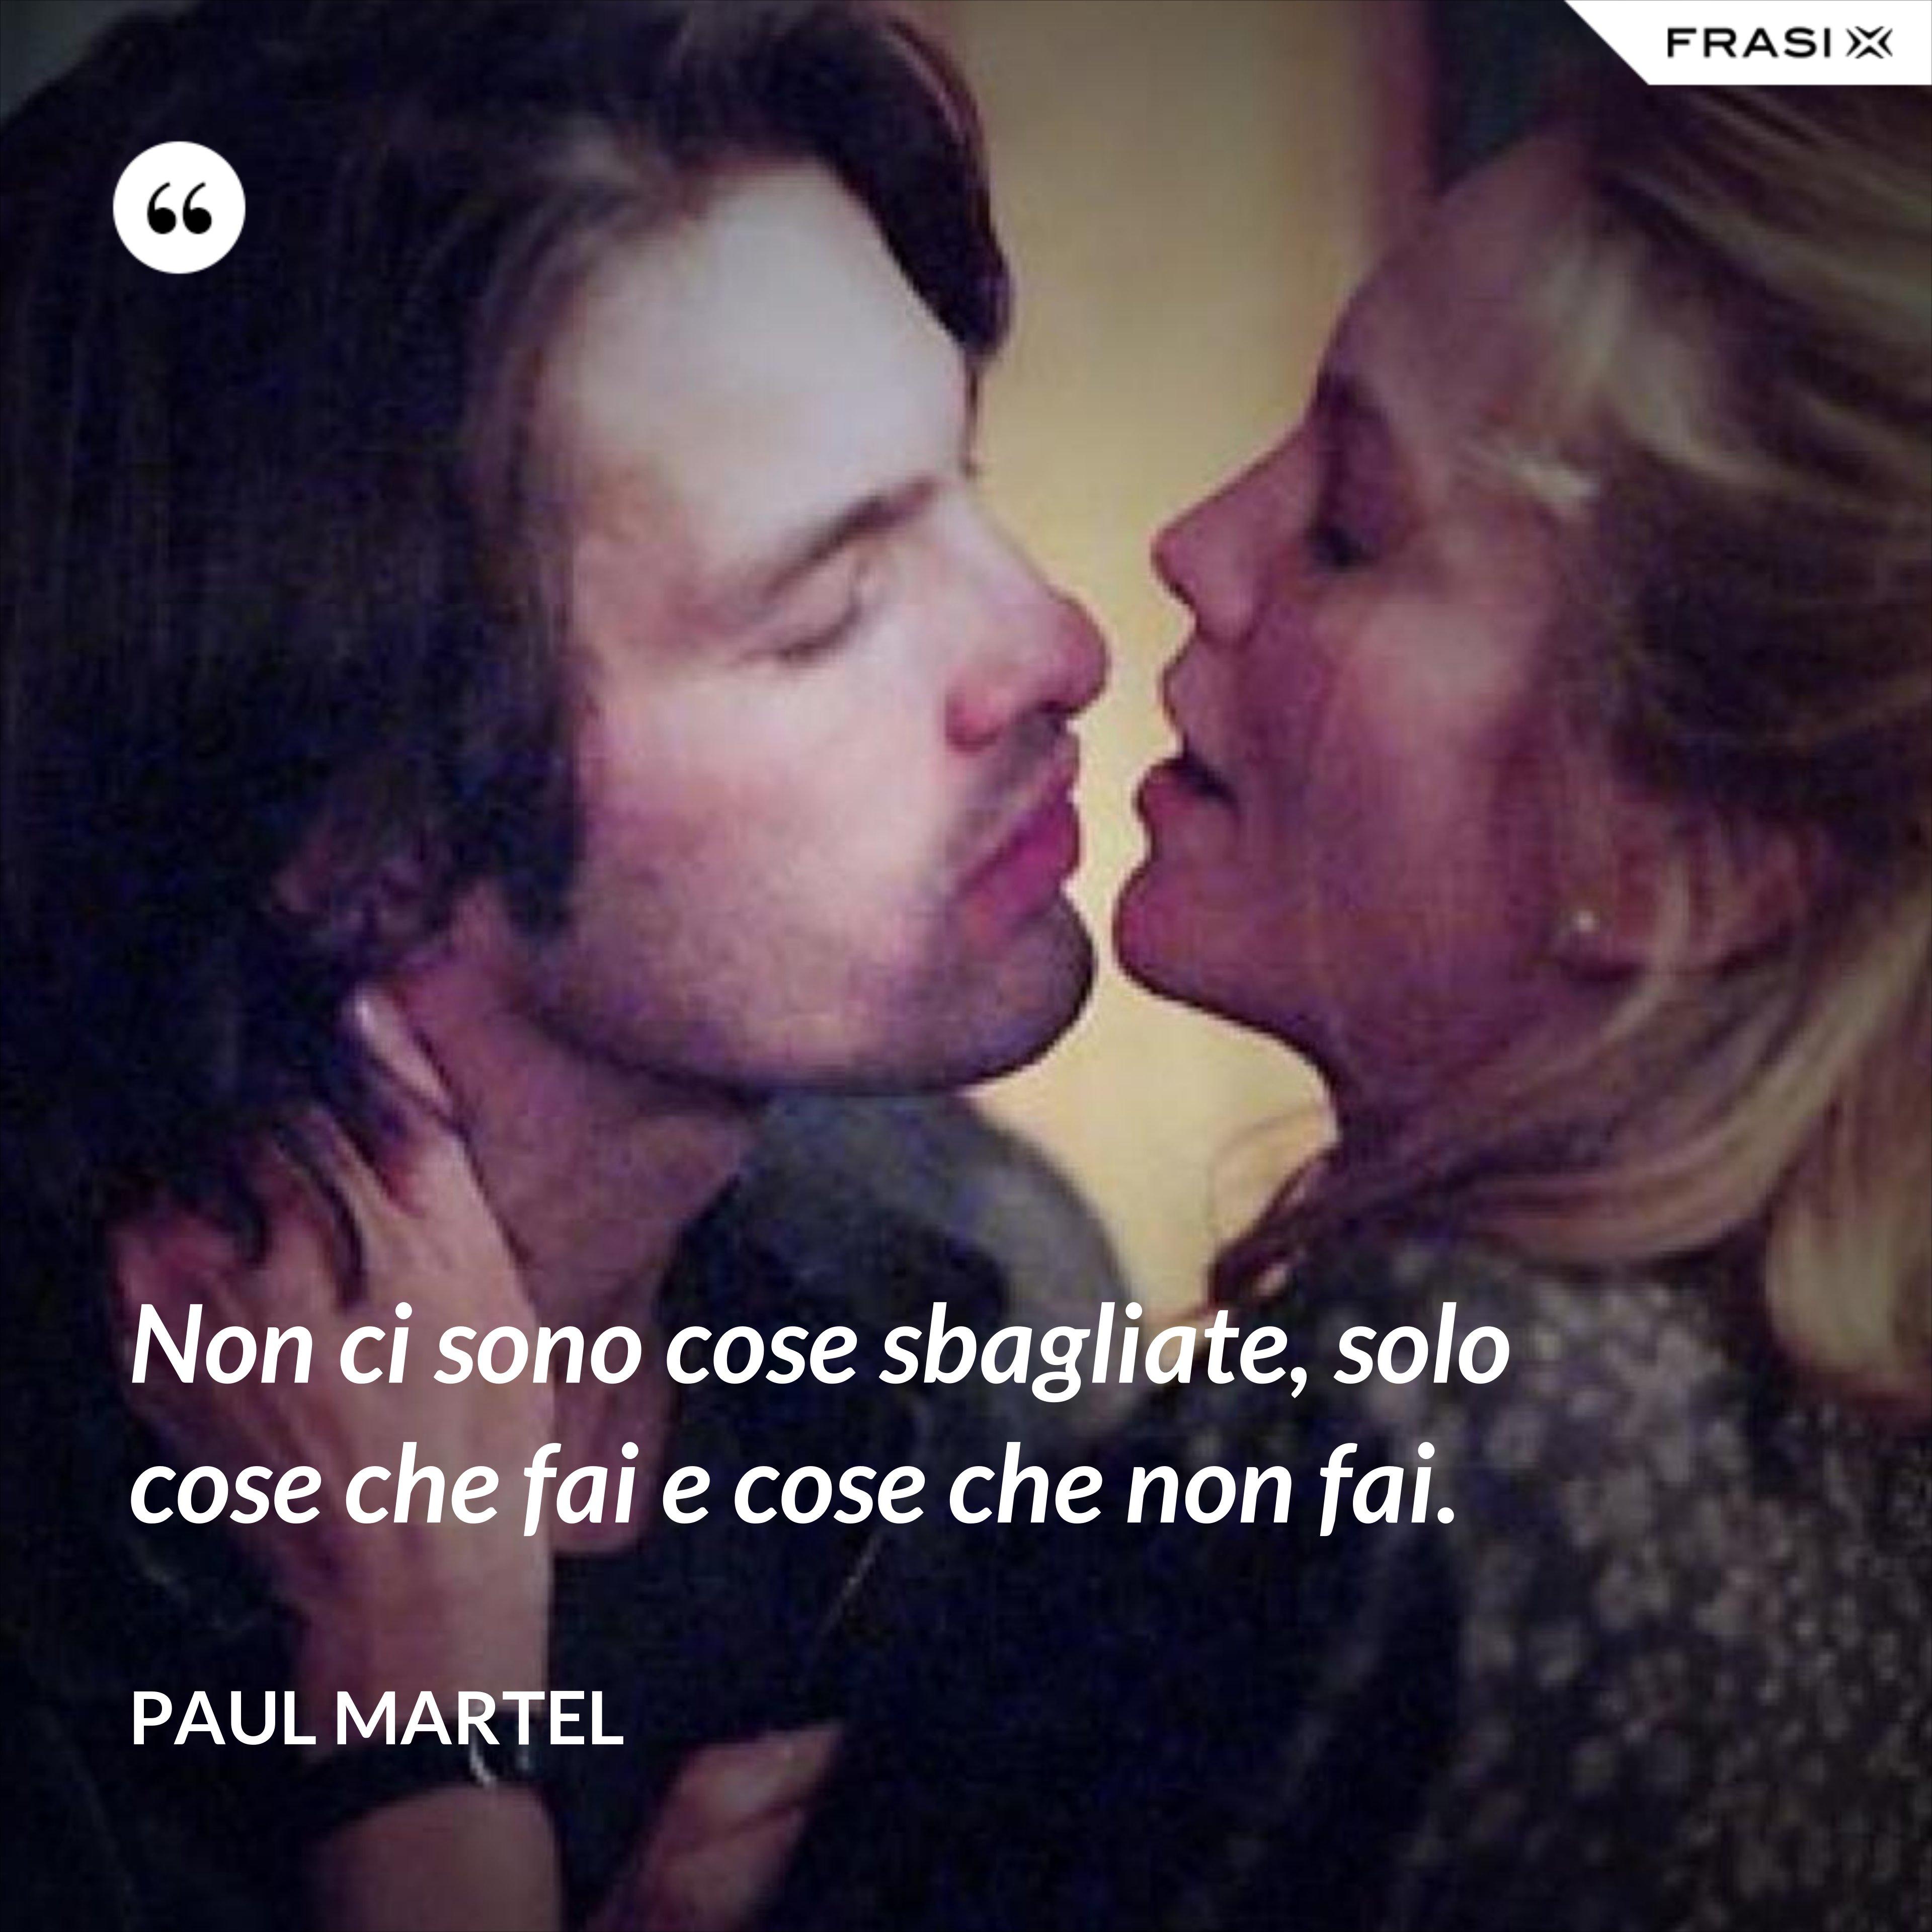 Non ci sono cose sbagliate, solo cose che fai e cose che non fai. - Paul Martel